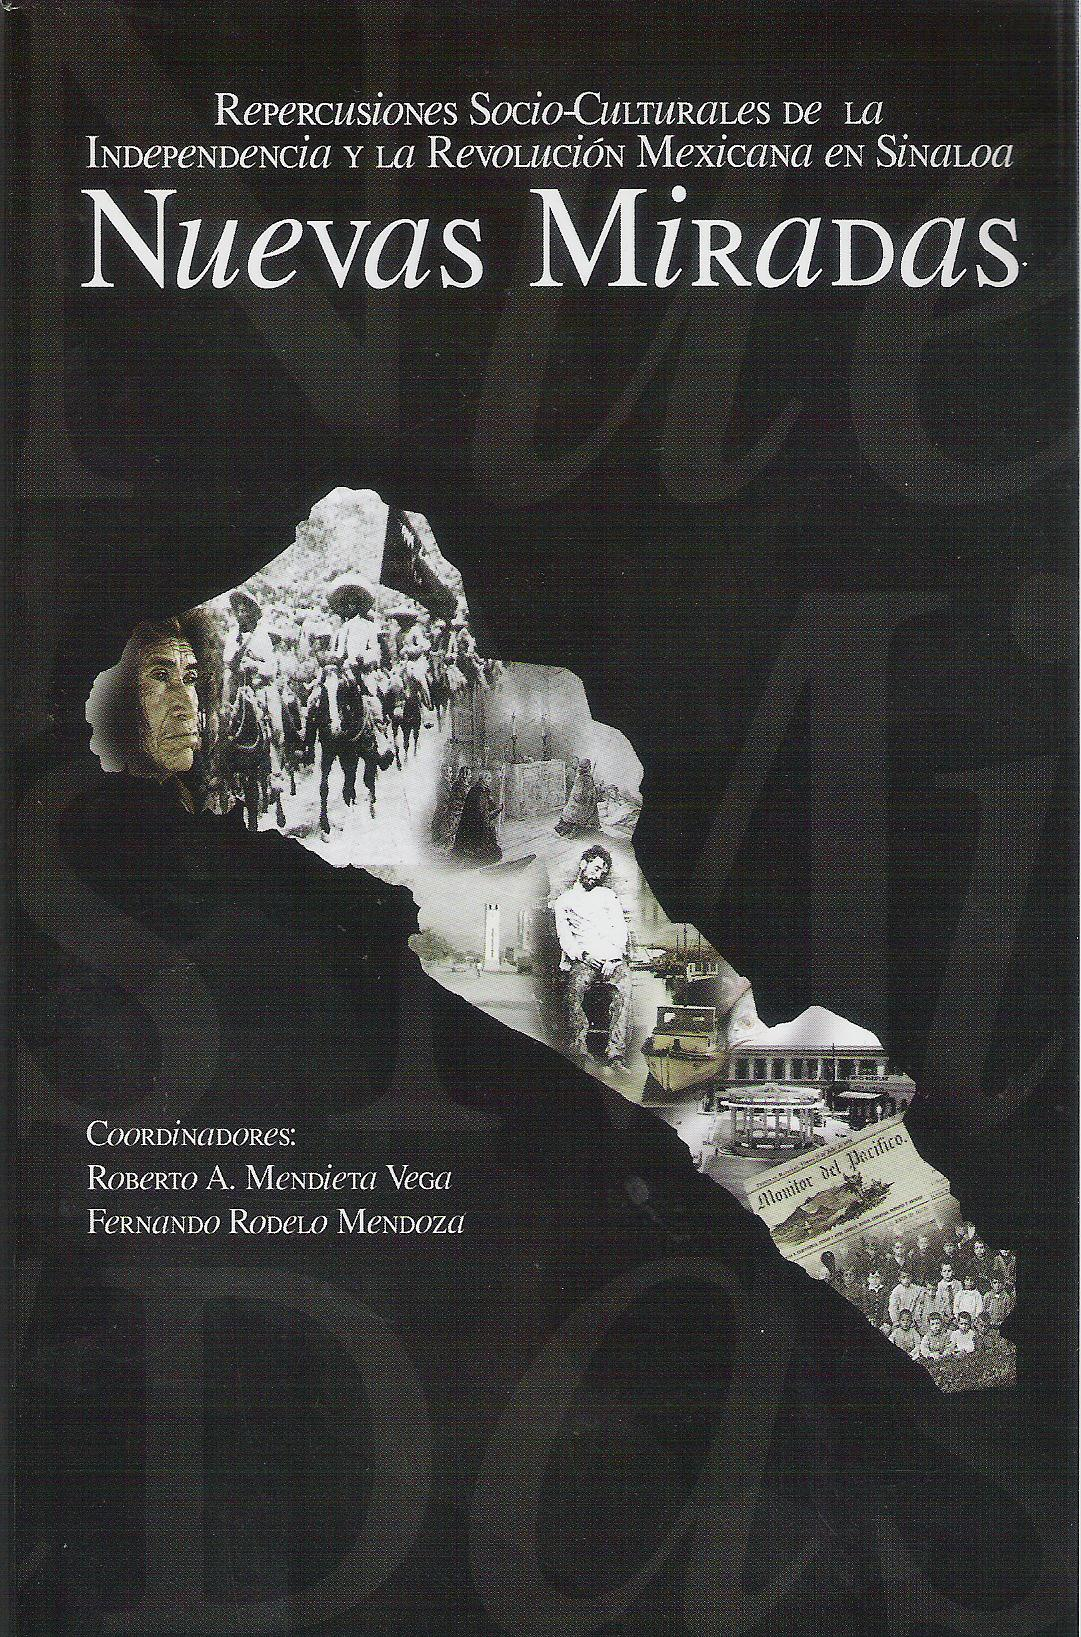 Repercusiones socio-culturales de la Independencia y la Revoluci¢n Mexicana en Sinaloa